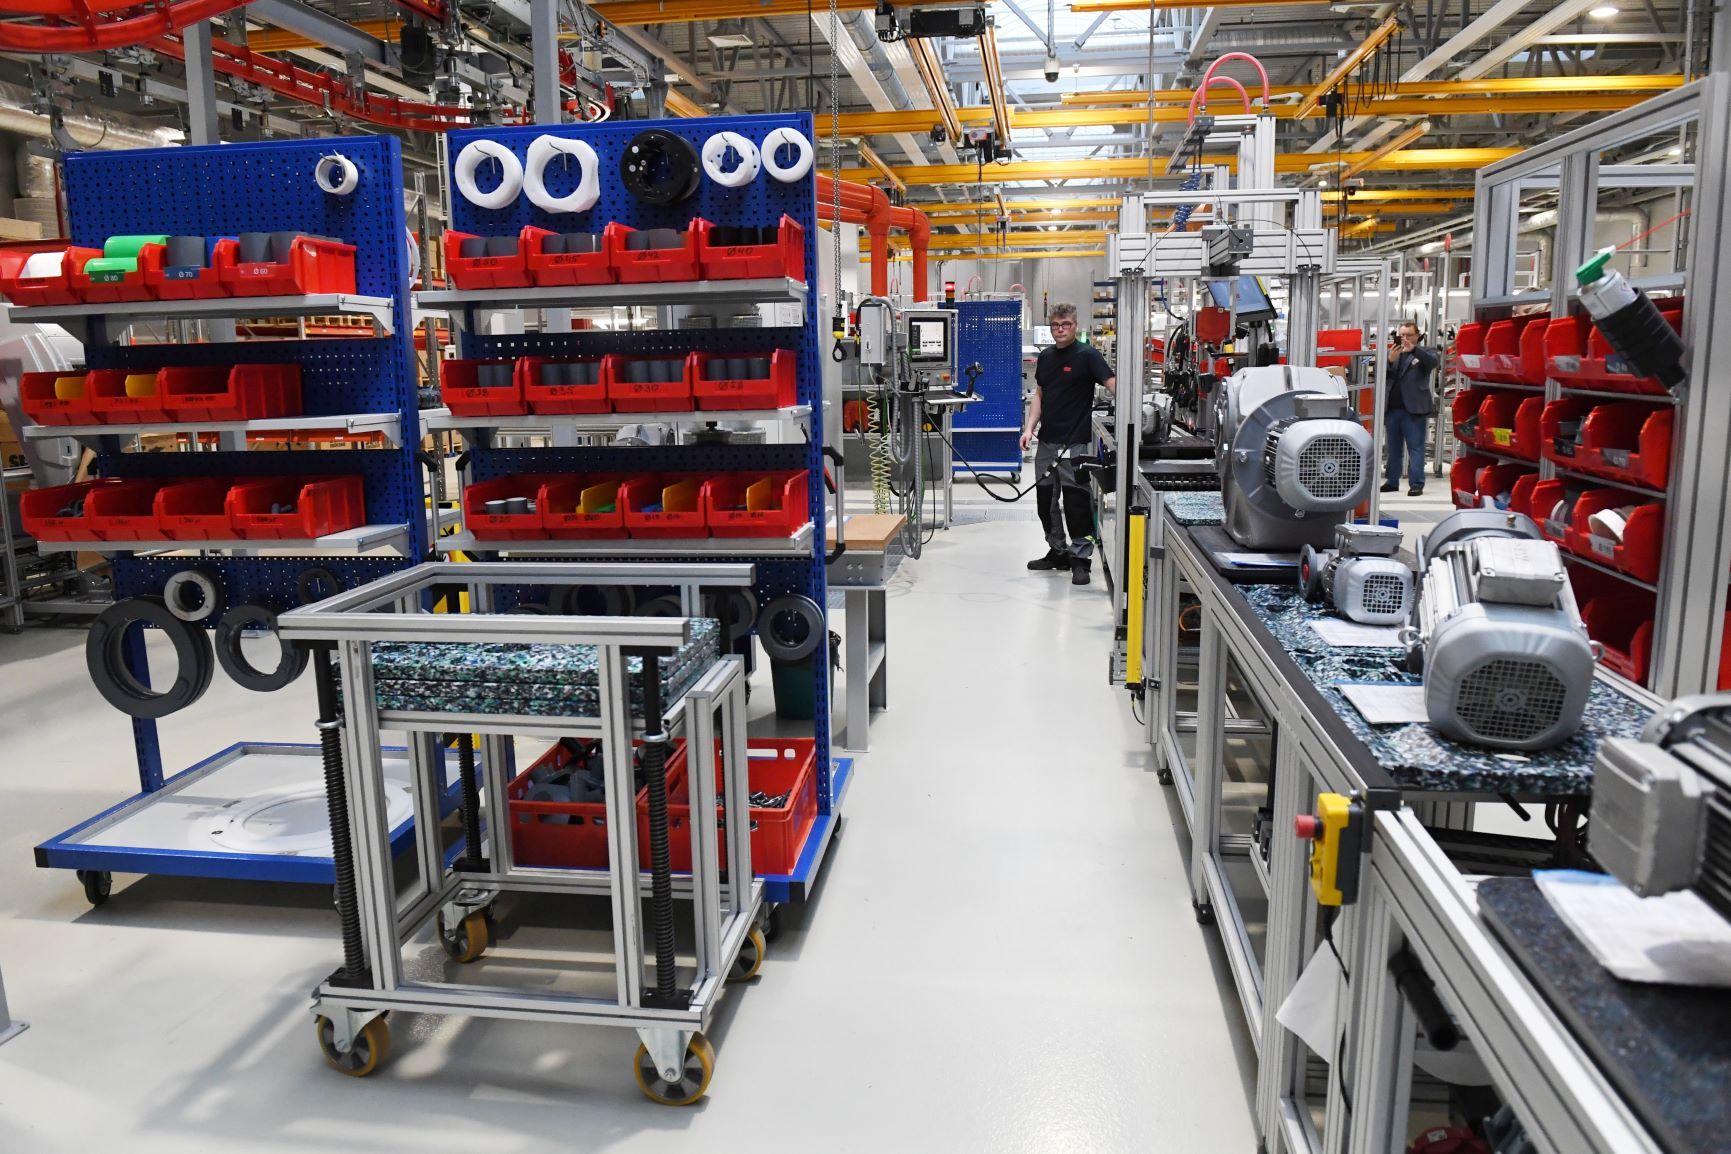 Преимуществами центра приводной техники также являются современные рабочие места, внедрение подвесного окрасочного конвейера Power & Free и мощный производственно-складской комплекс